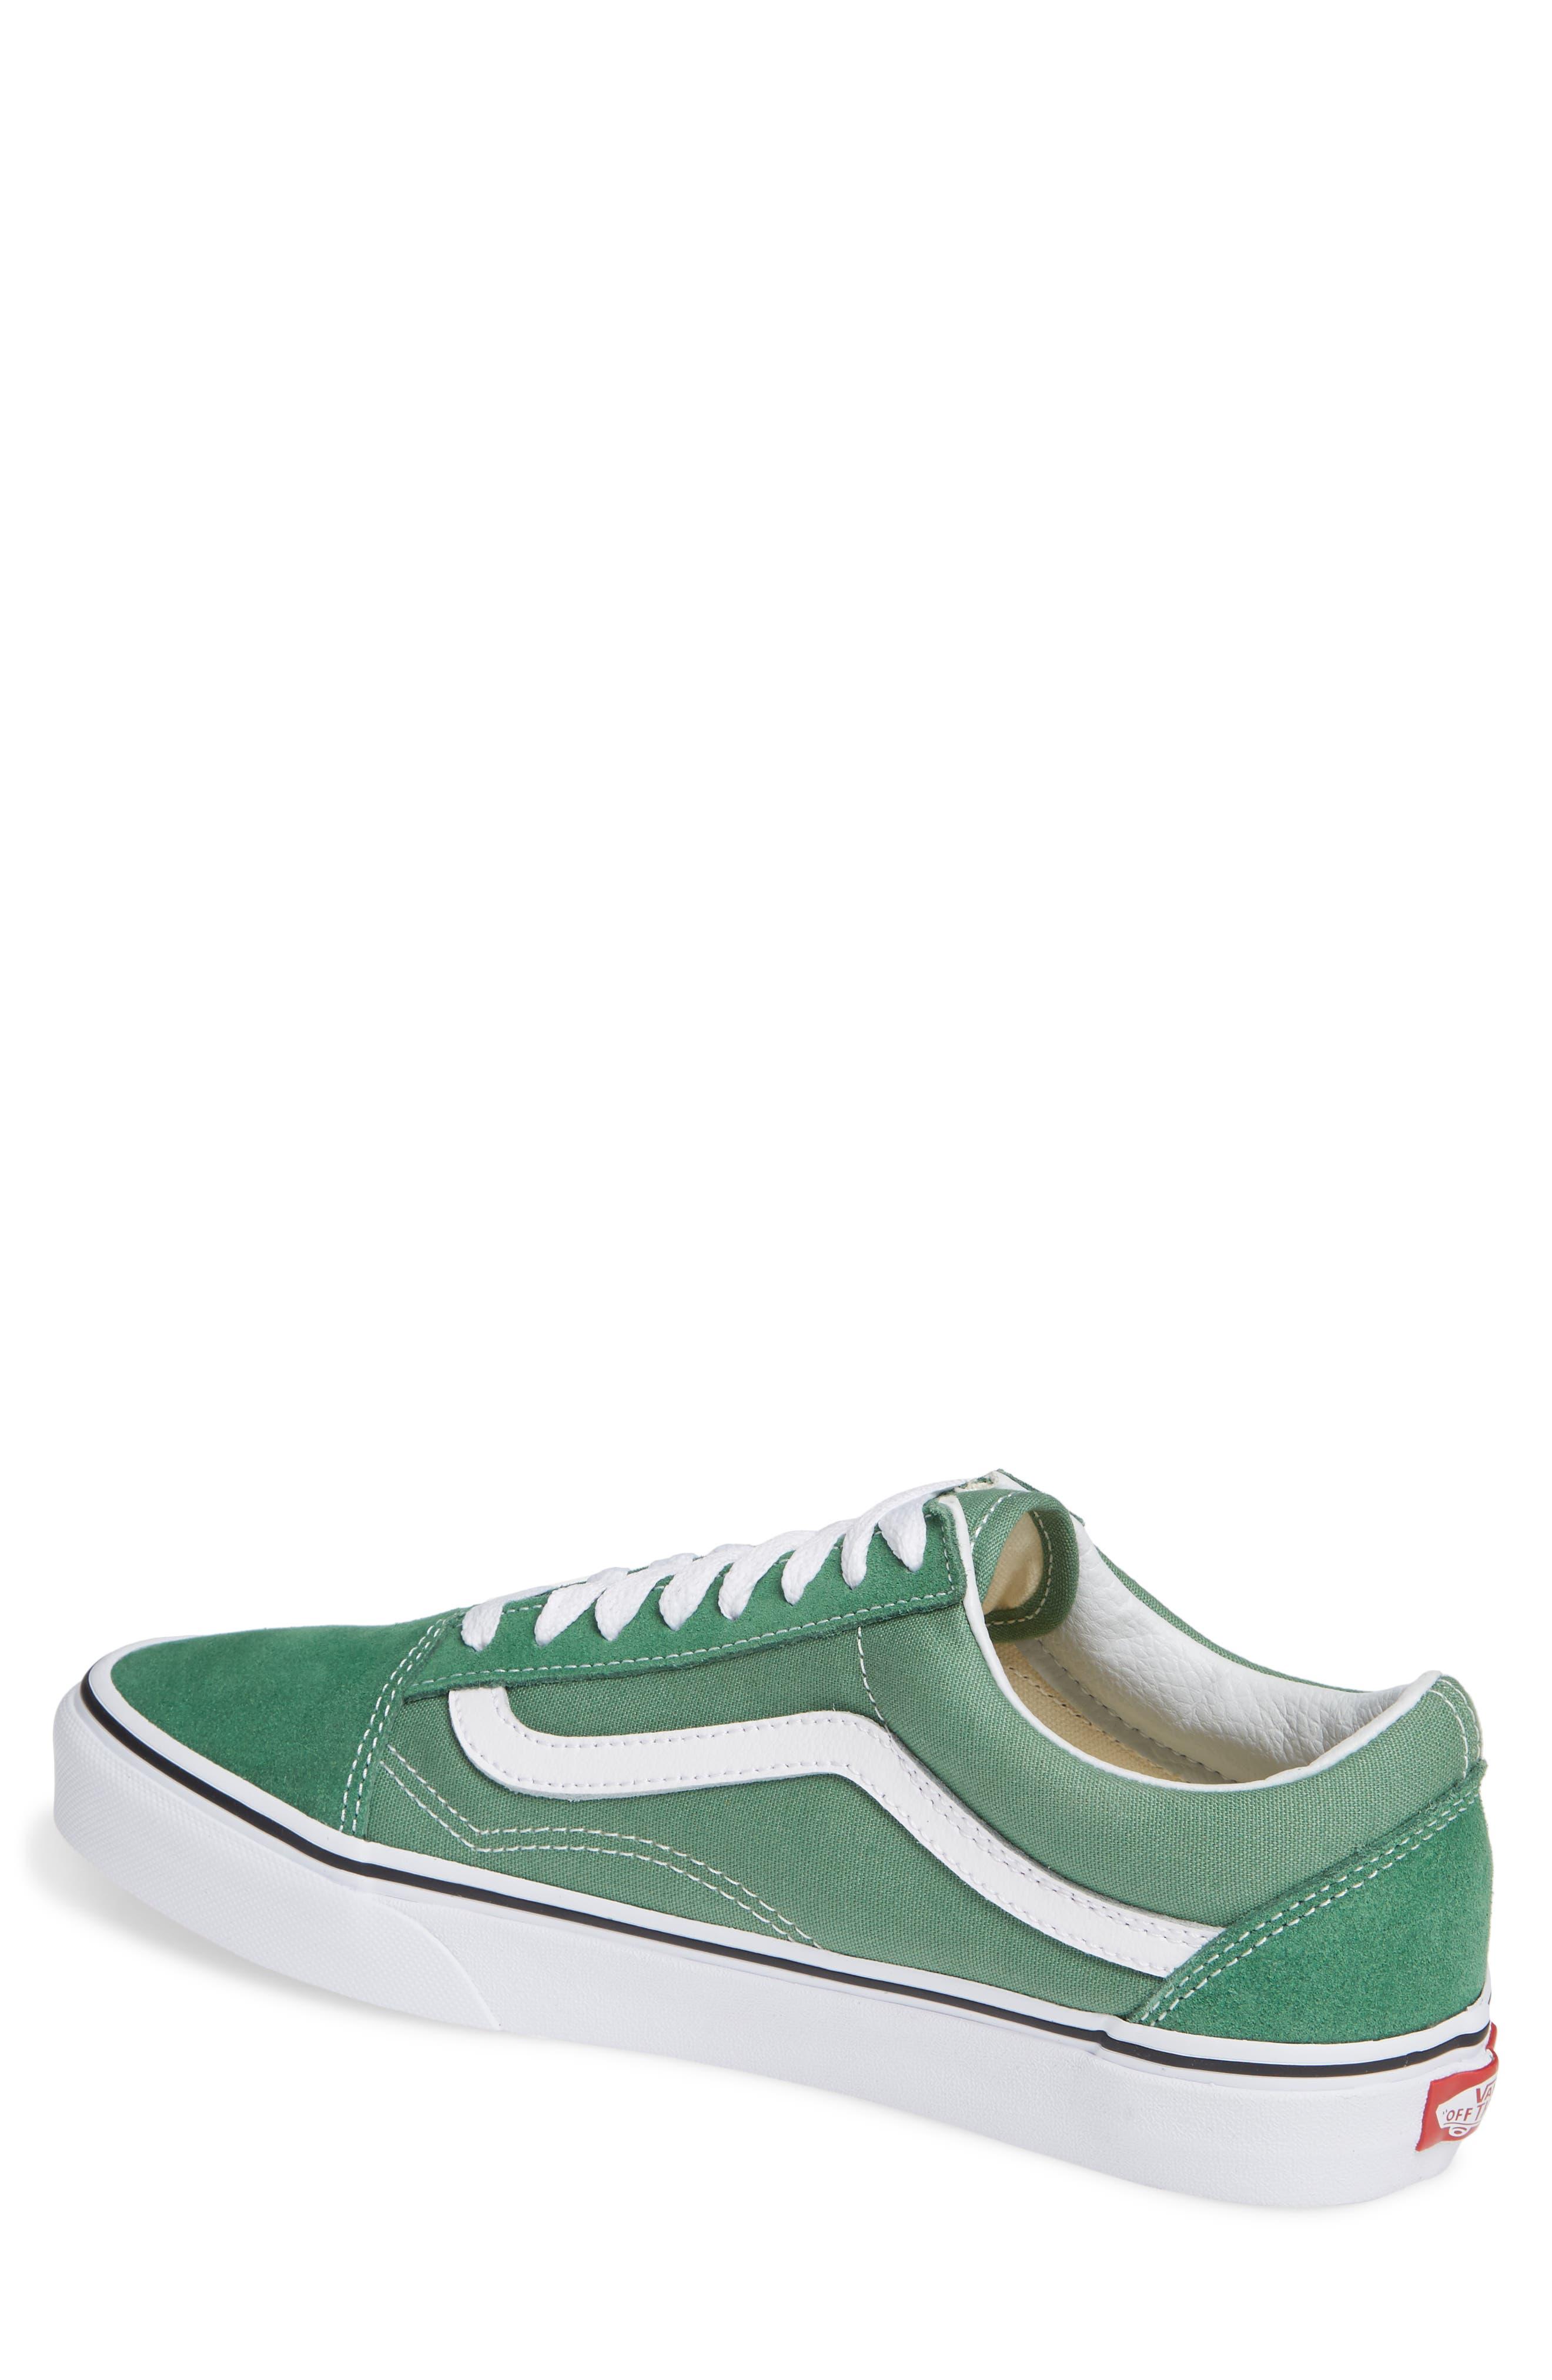 'Old Skool' Sneaker,                             Alternate thumbnail 2, color,                             DEEP GRASS GREEN/ TRUE WHITE